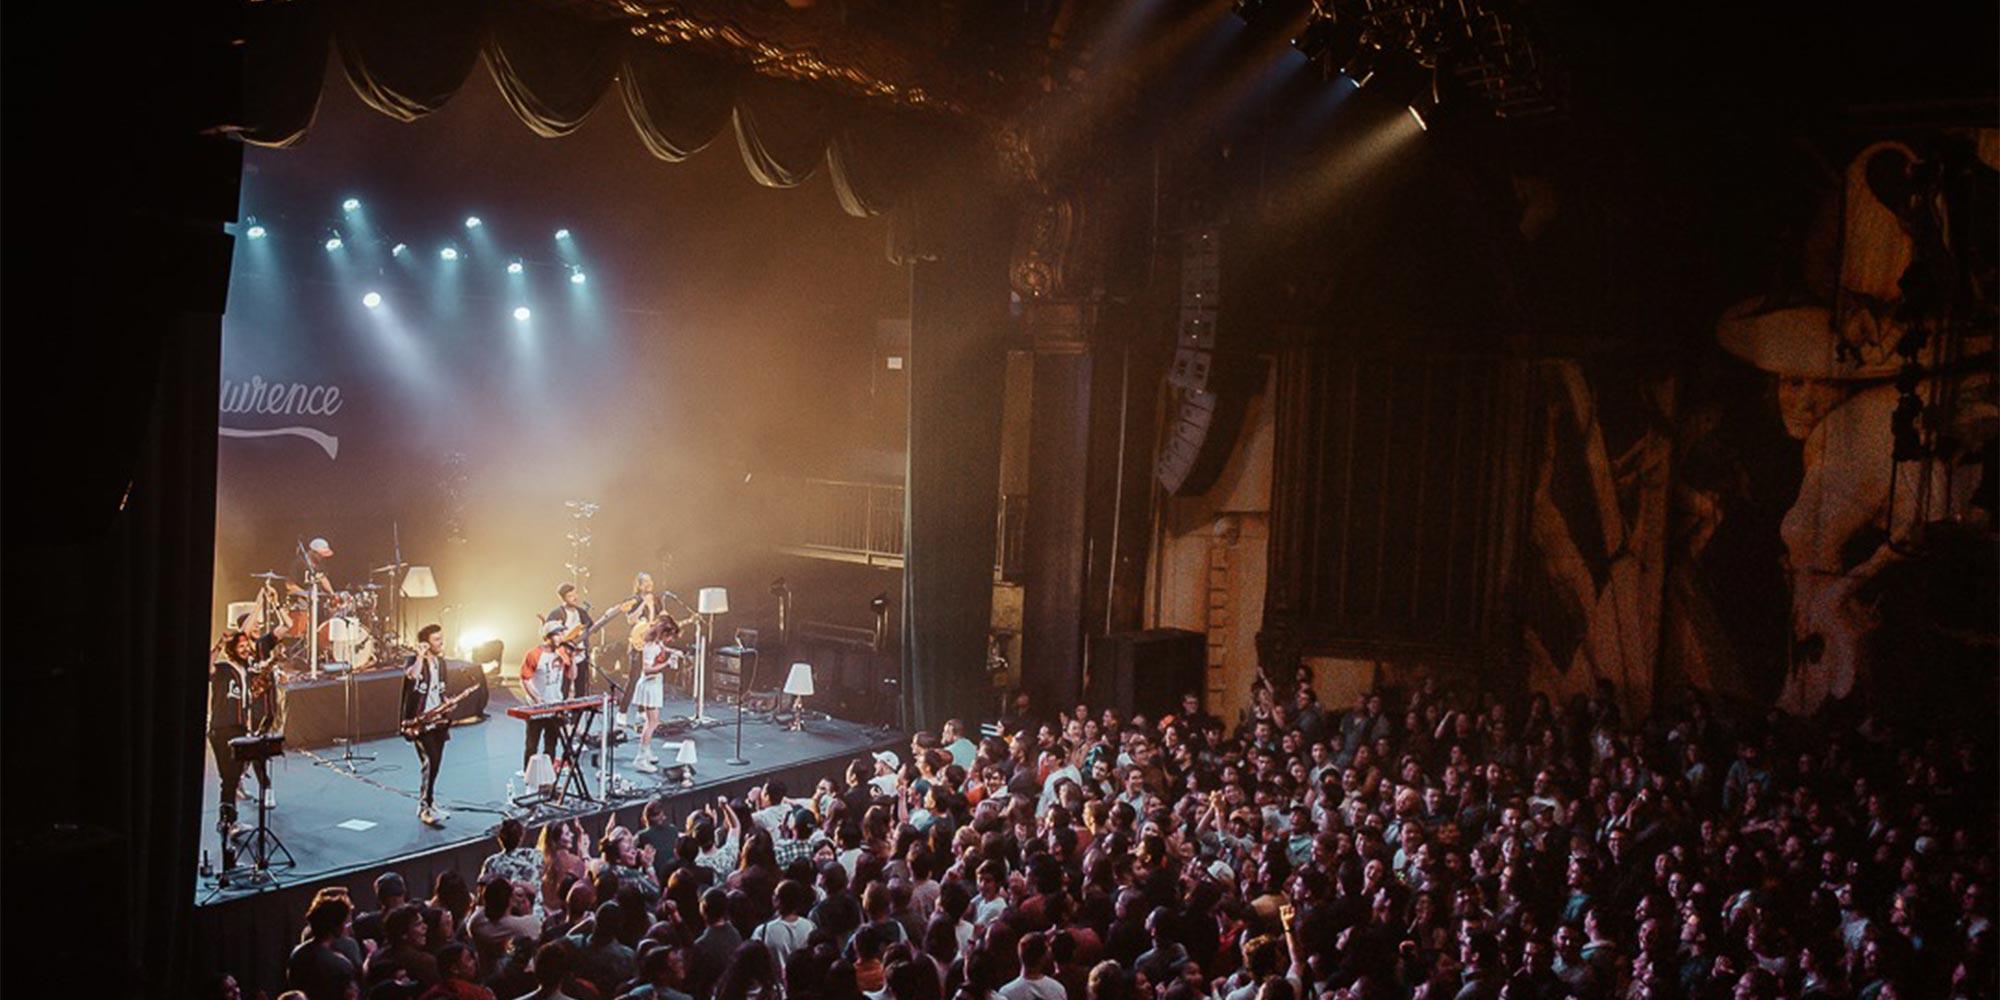 The Fonda Theatre for live music in Los Angeles, California.